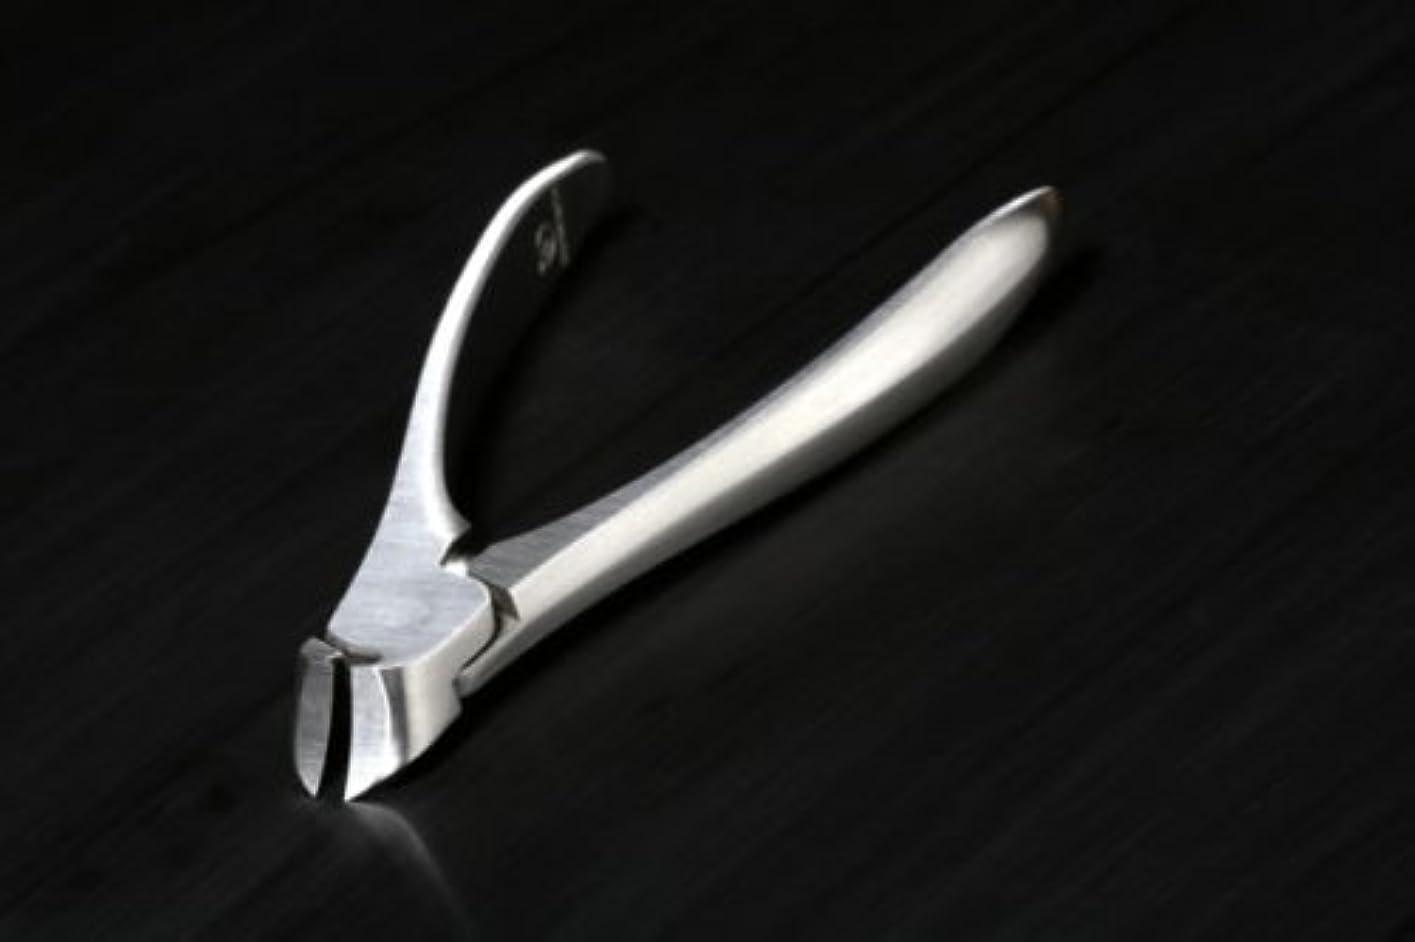 押し下げる保険欠陥SUWADA(スワダ)クラシック ニッパー式爪切り S新型 曲刃